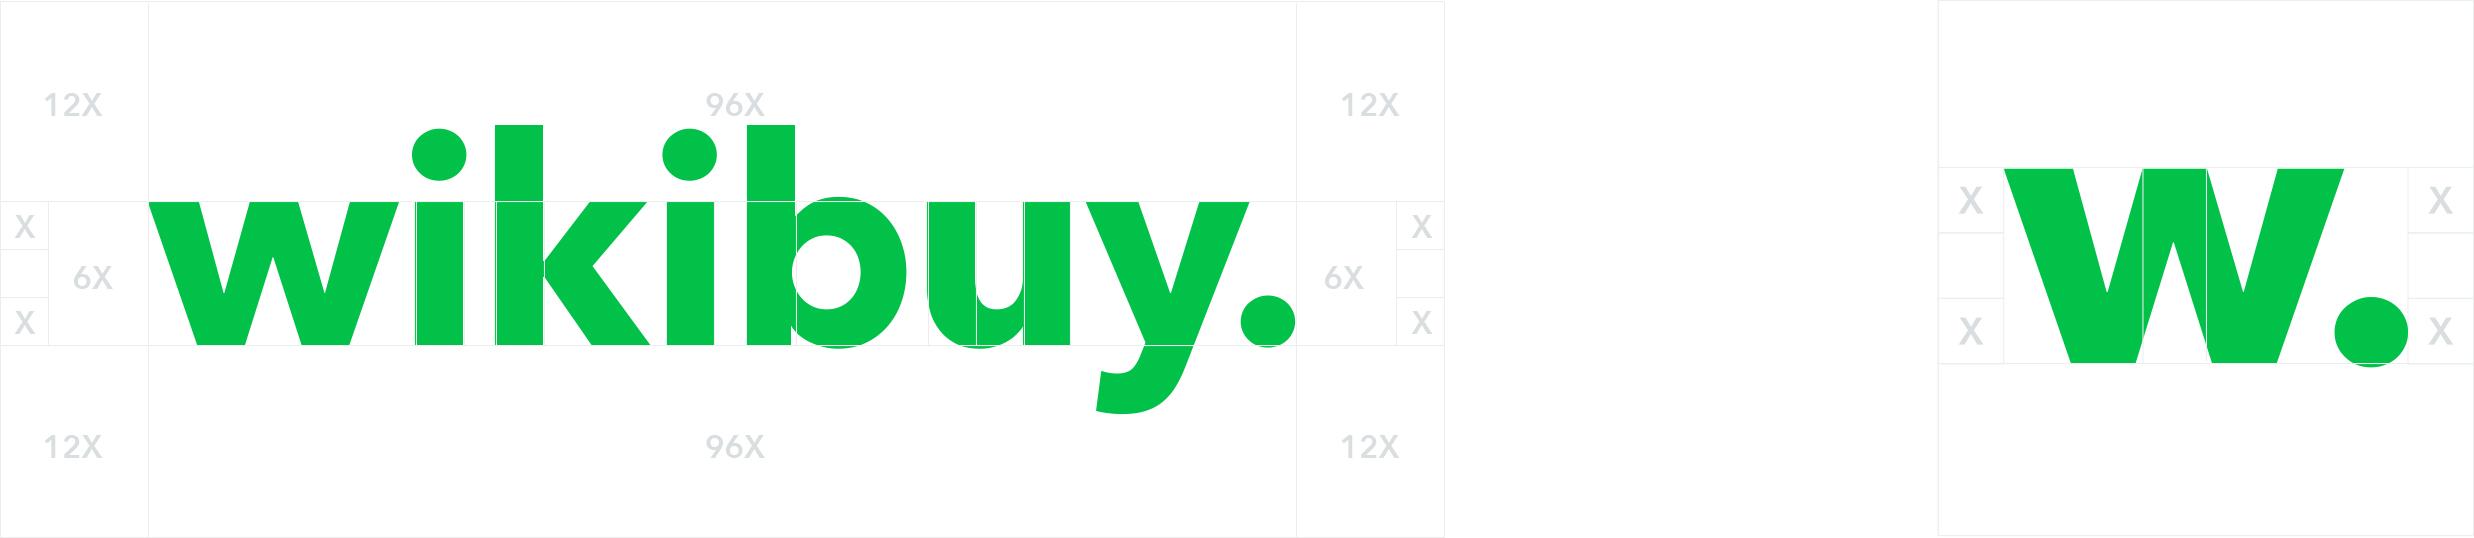 wikibuy-logos@2x